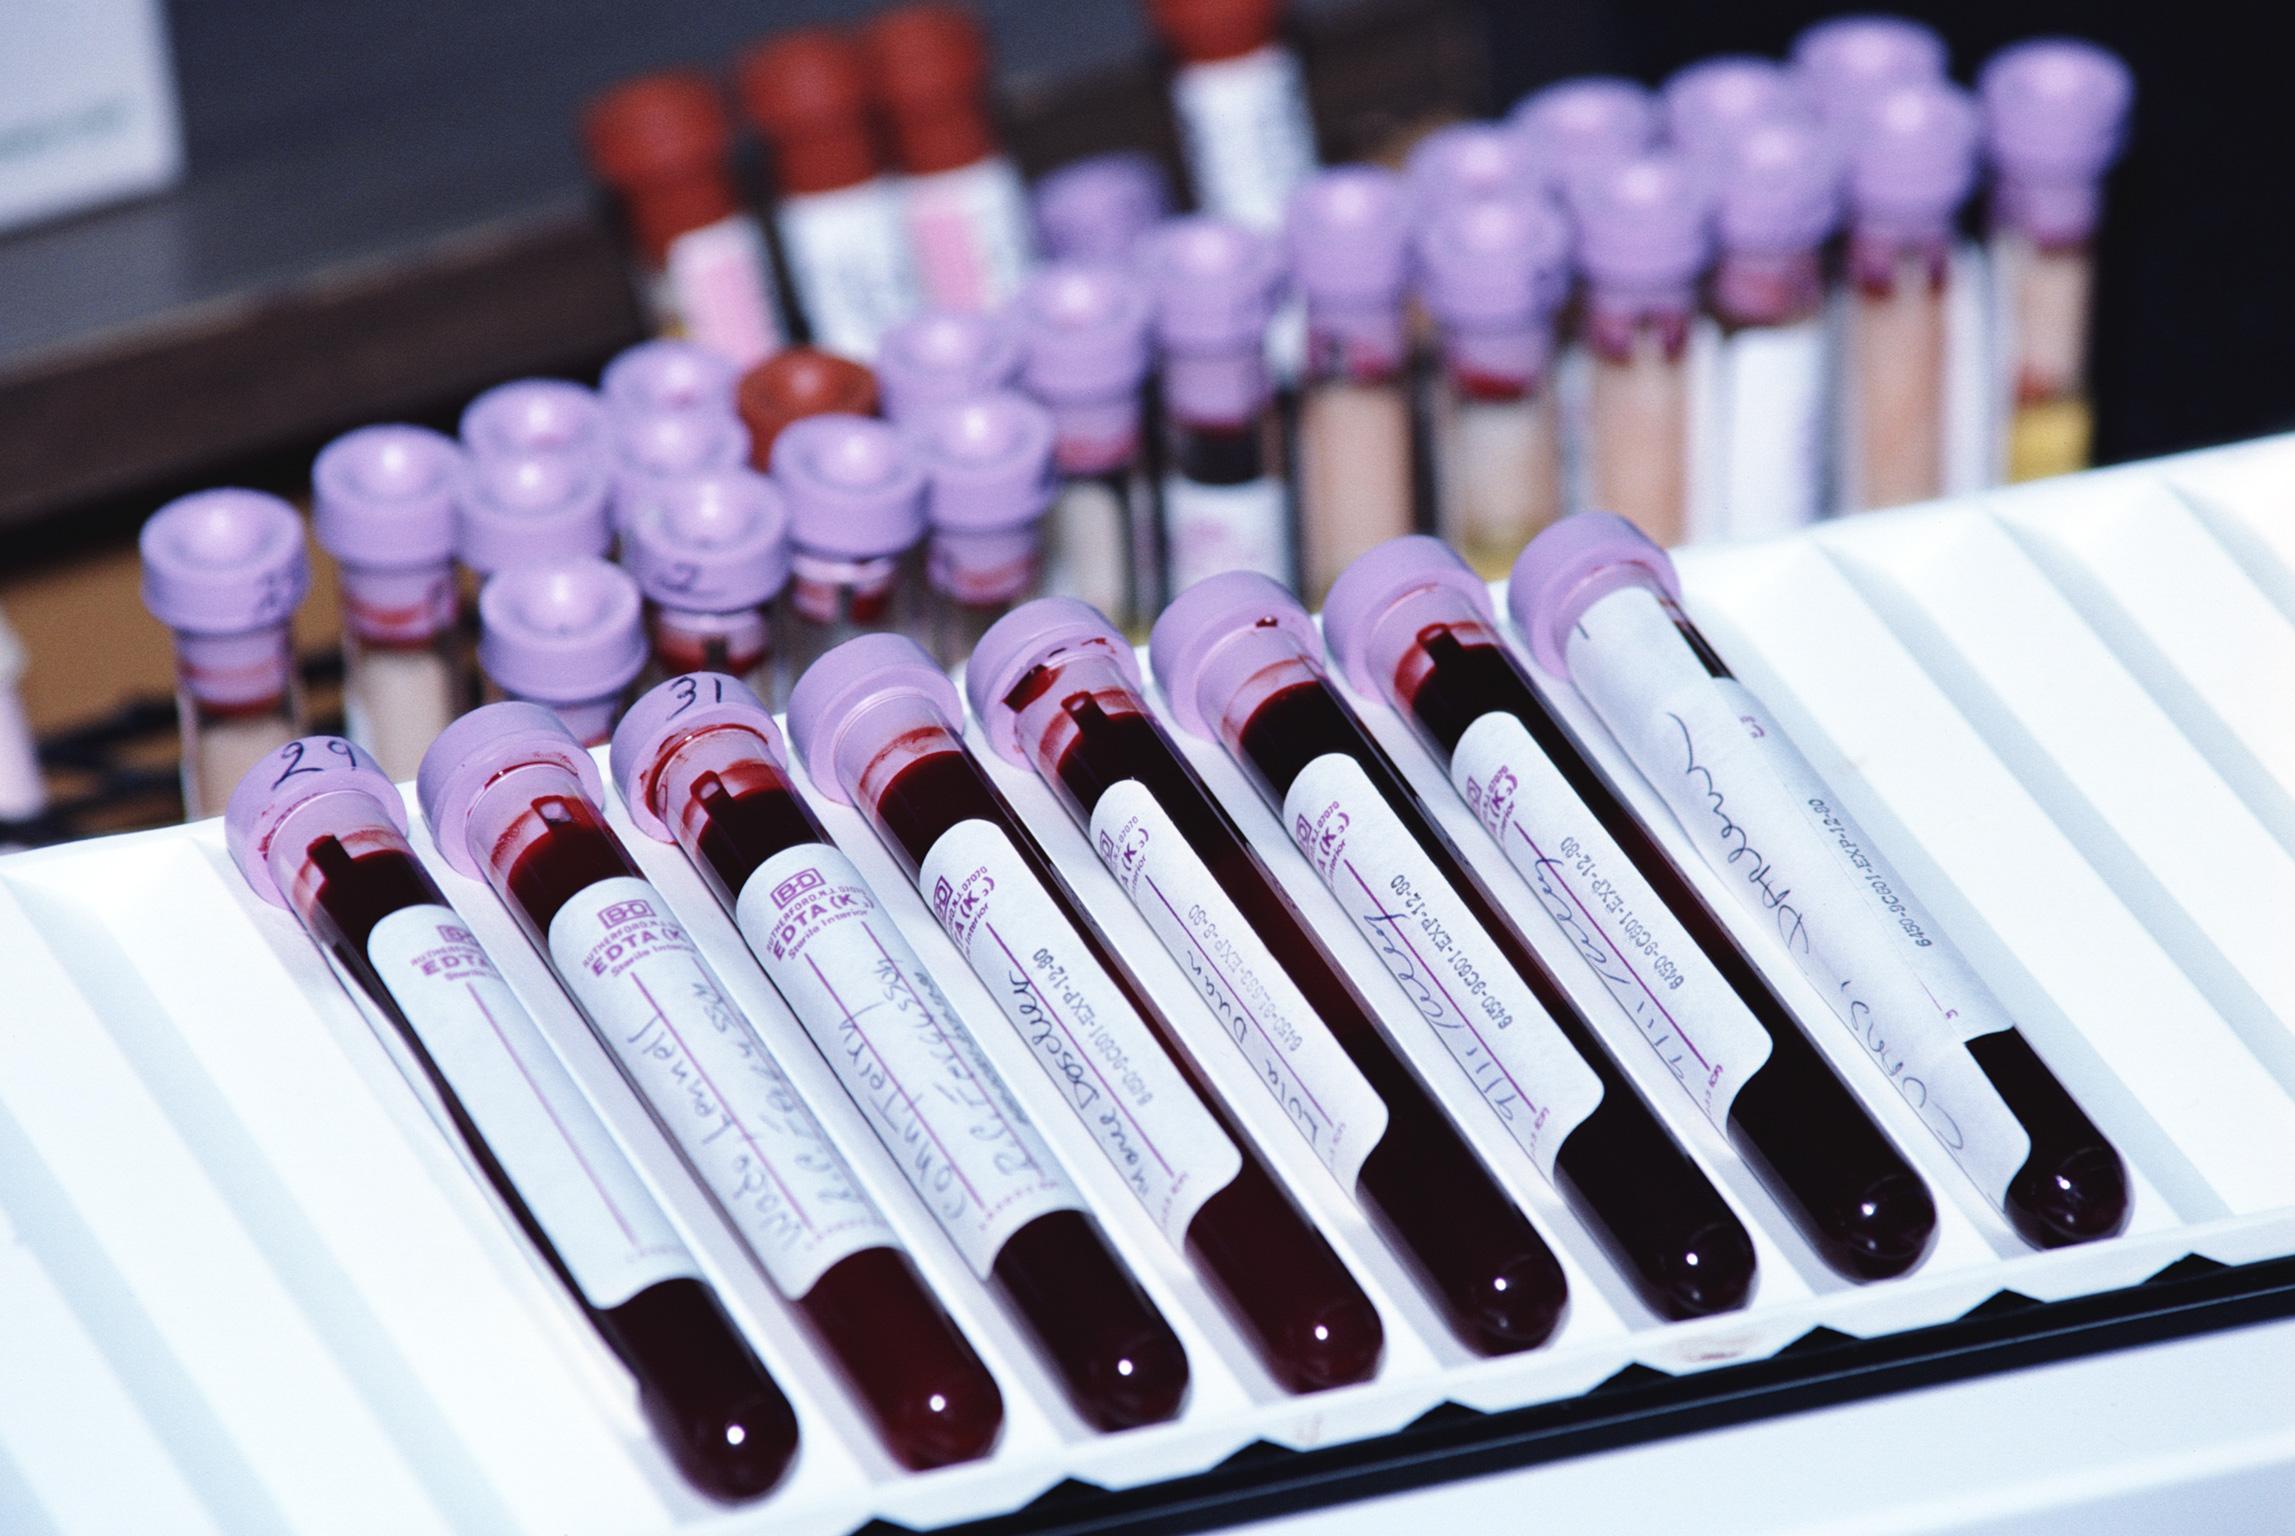 Следствие возобновляет дело по вопросу массового заражения СПИДом в 1988 году в Калмыкии